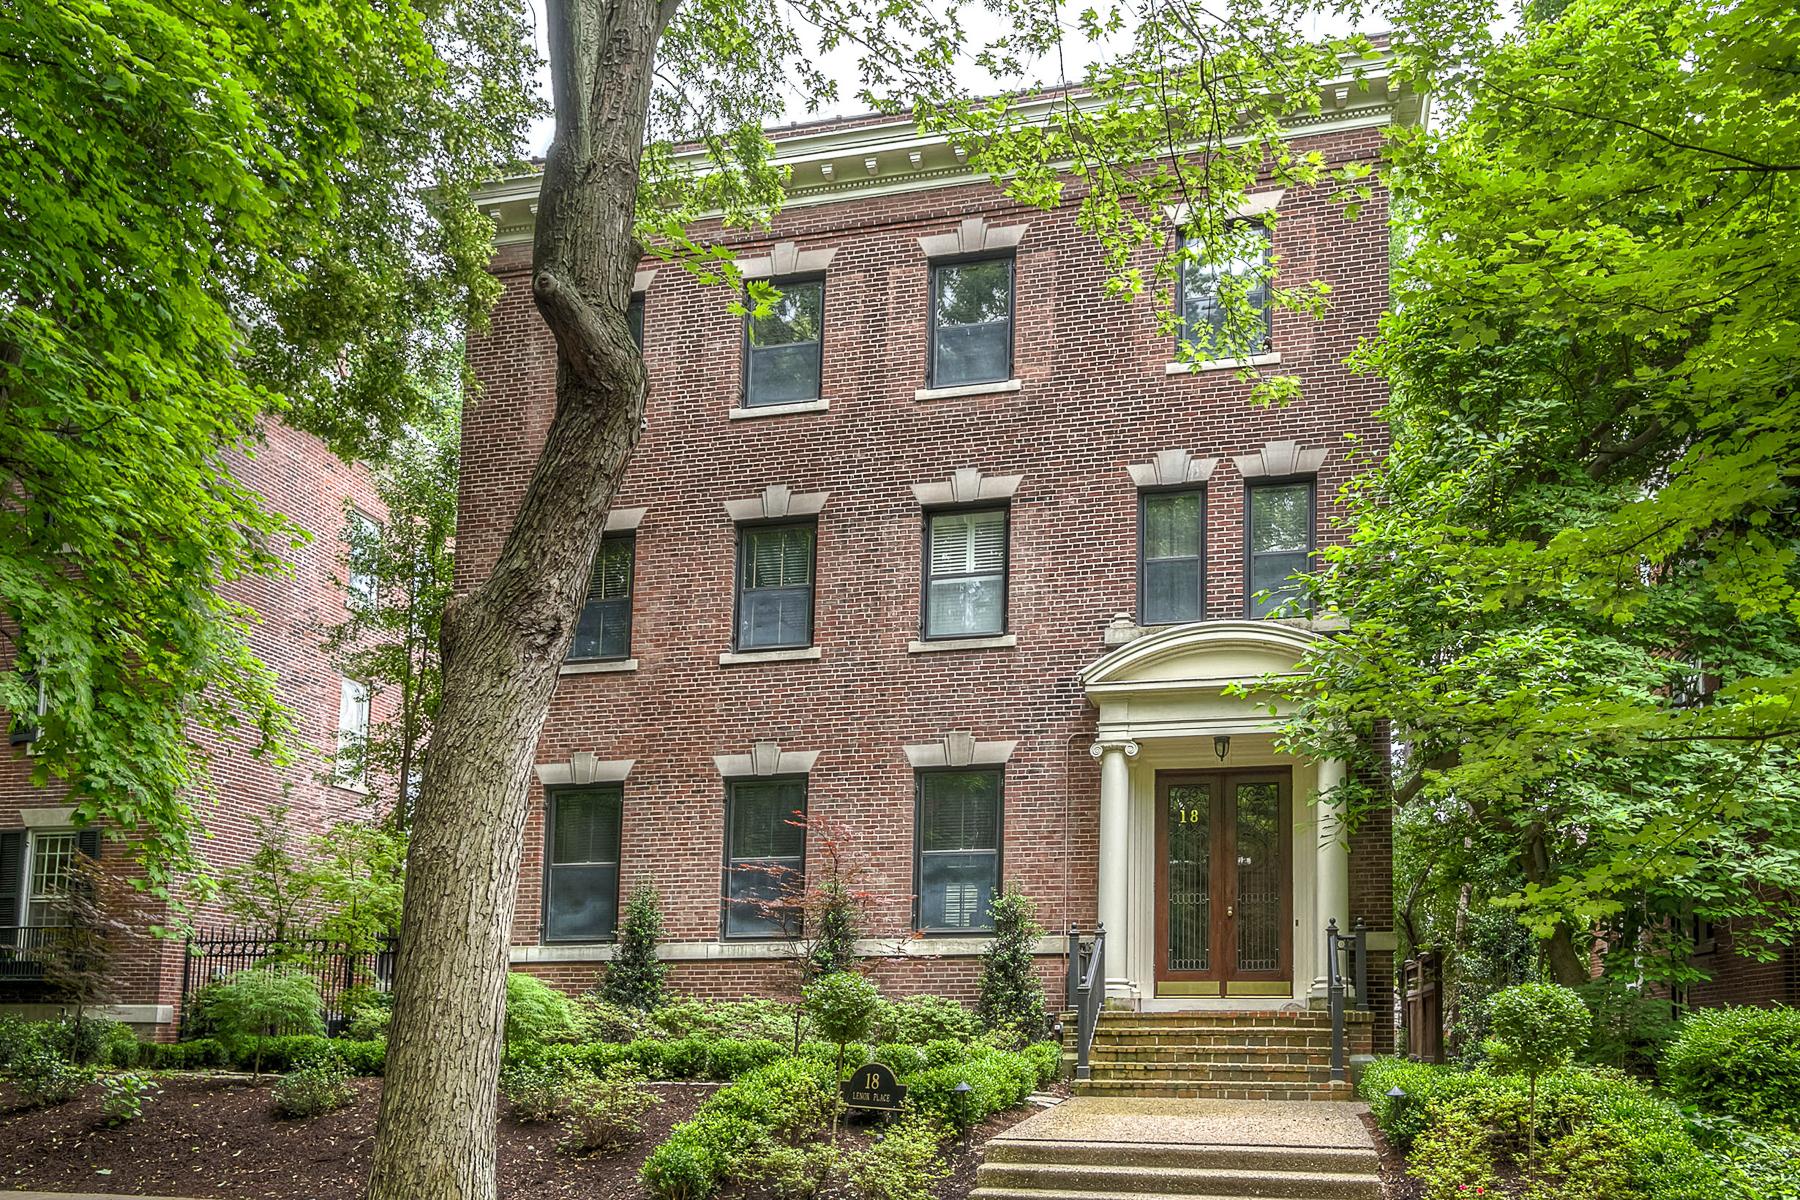 Tek Ailelik Ev için Satış at Lenox Place 18 Lenox Place St. Louis, Missouri 63108 Amerika Birleşik Devletleri